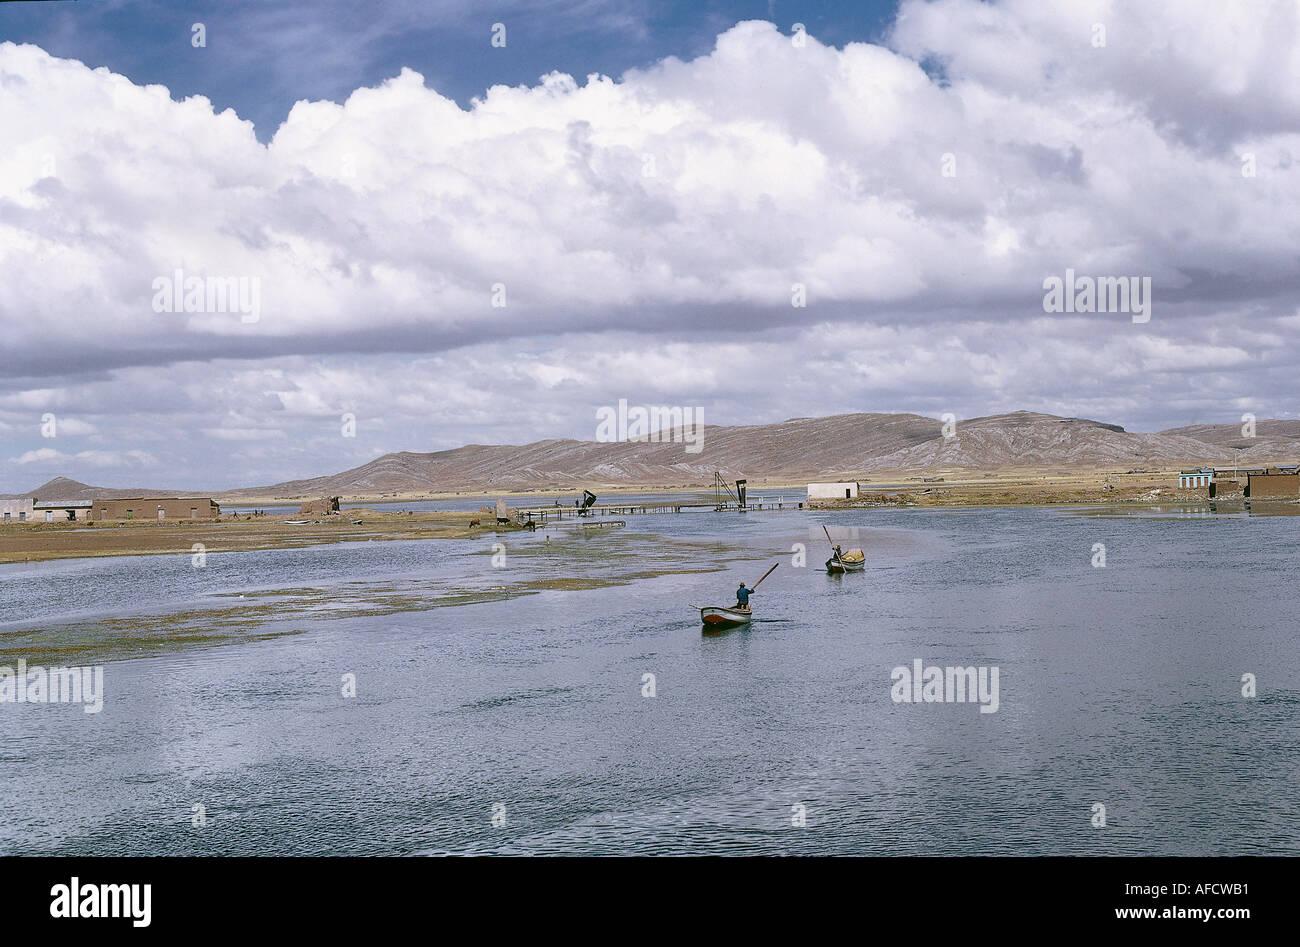 Geografie, Bolivien, Titicacasee, Übergang zum See, bei Uinamarca, Südamerika, See, Berg, Gebirge, Anden, Landschaft, - Stock Image